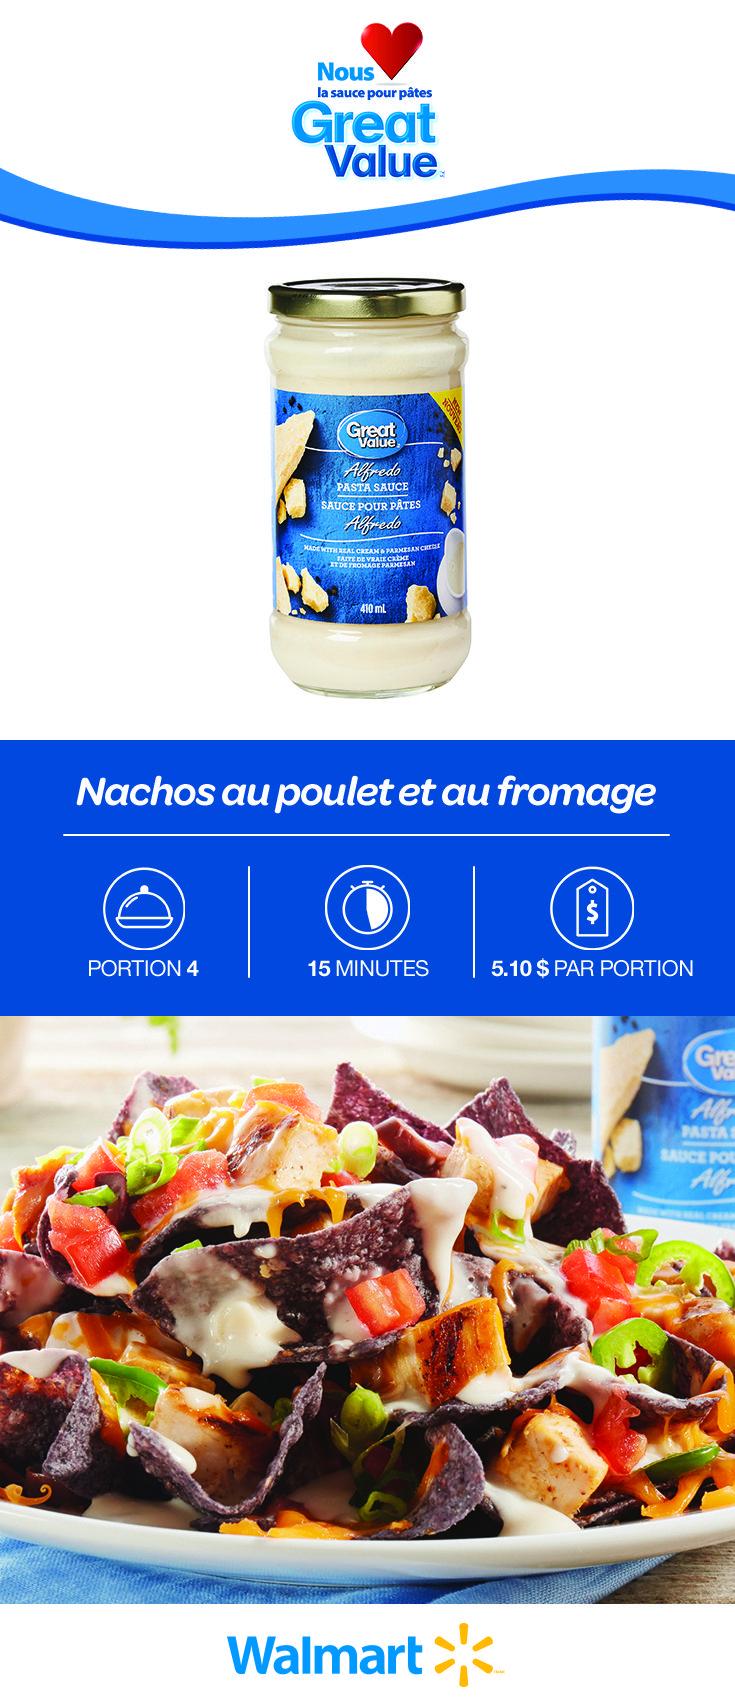 Des nachos au poulet version réinventée avec notre sauce pour pâtes Alfredo Great Value délicieuse et abordable! Cliquez sur le lien pour trouver la recette. #NousAimonsGreatValue #nachosaupoulet #recettesestivales #amusegueuleestivaux #nachos #nachospouletfromage #recettesnachosfromage